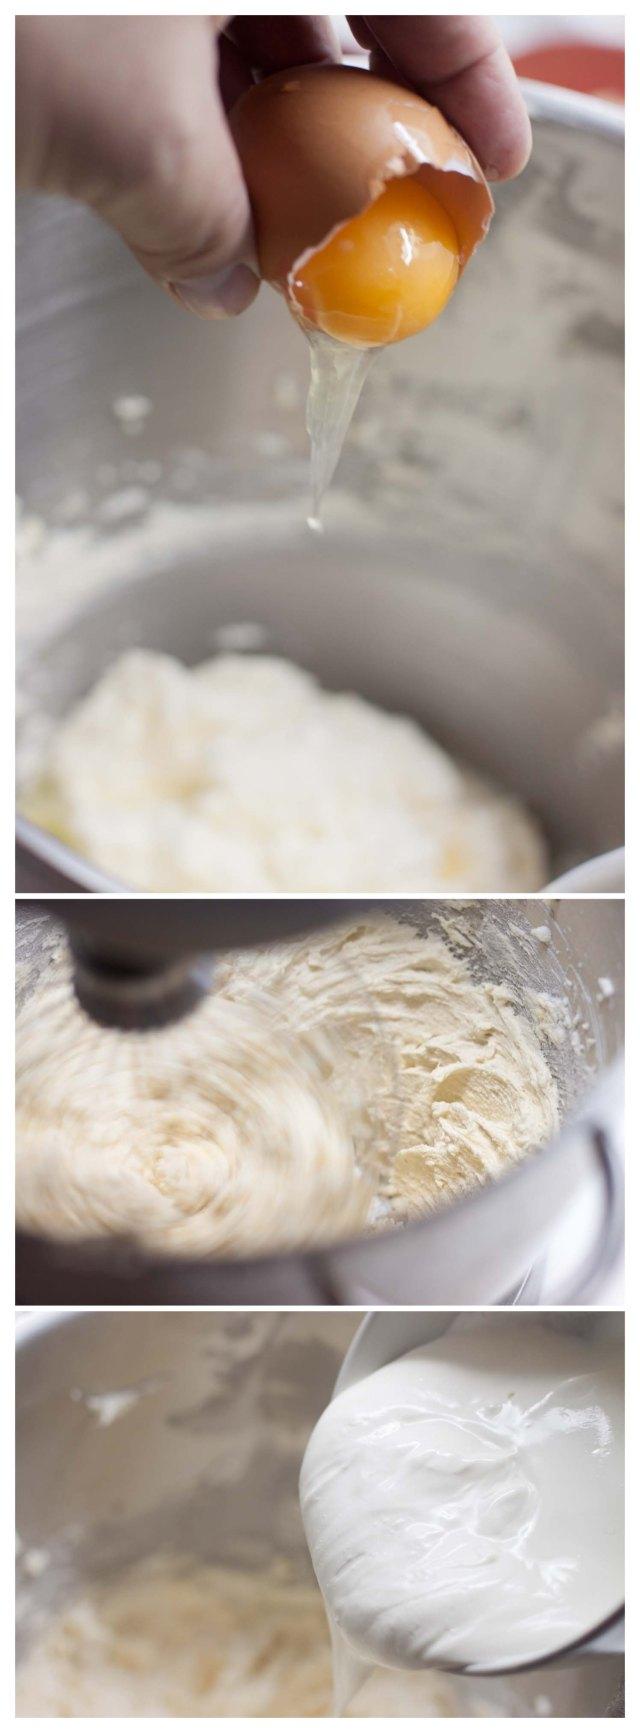 Se-añade-el-resto-de-ingredientes